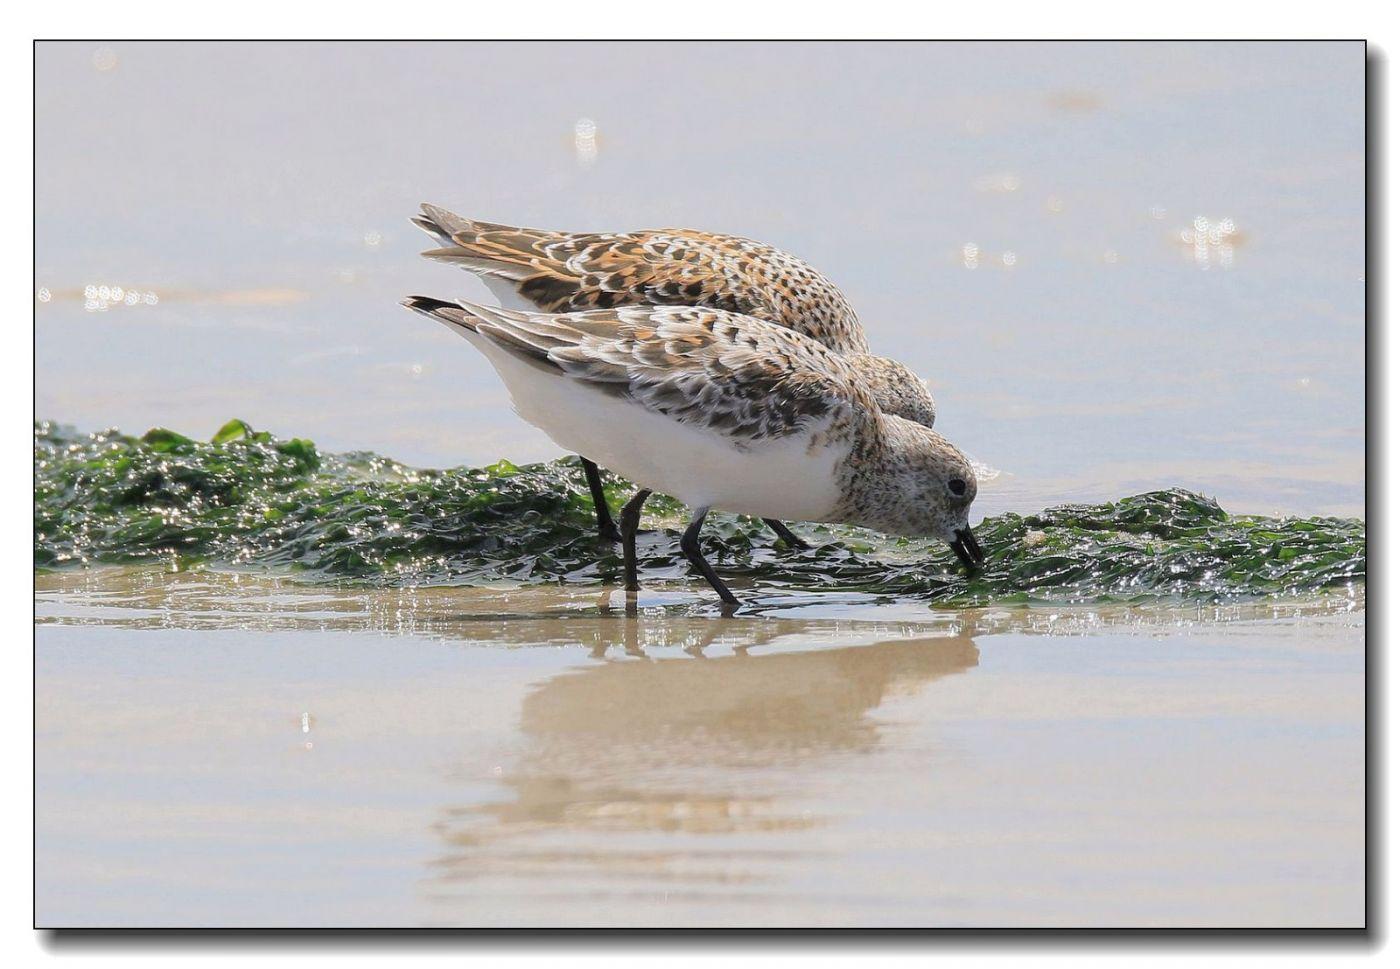 洛克威海滩拍鸟—滨鹬_图1-11